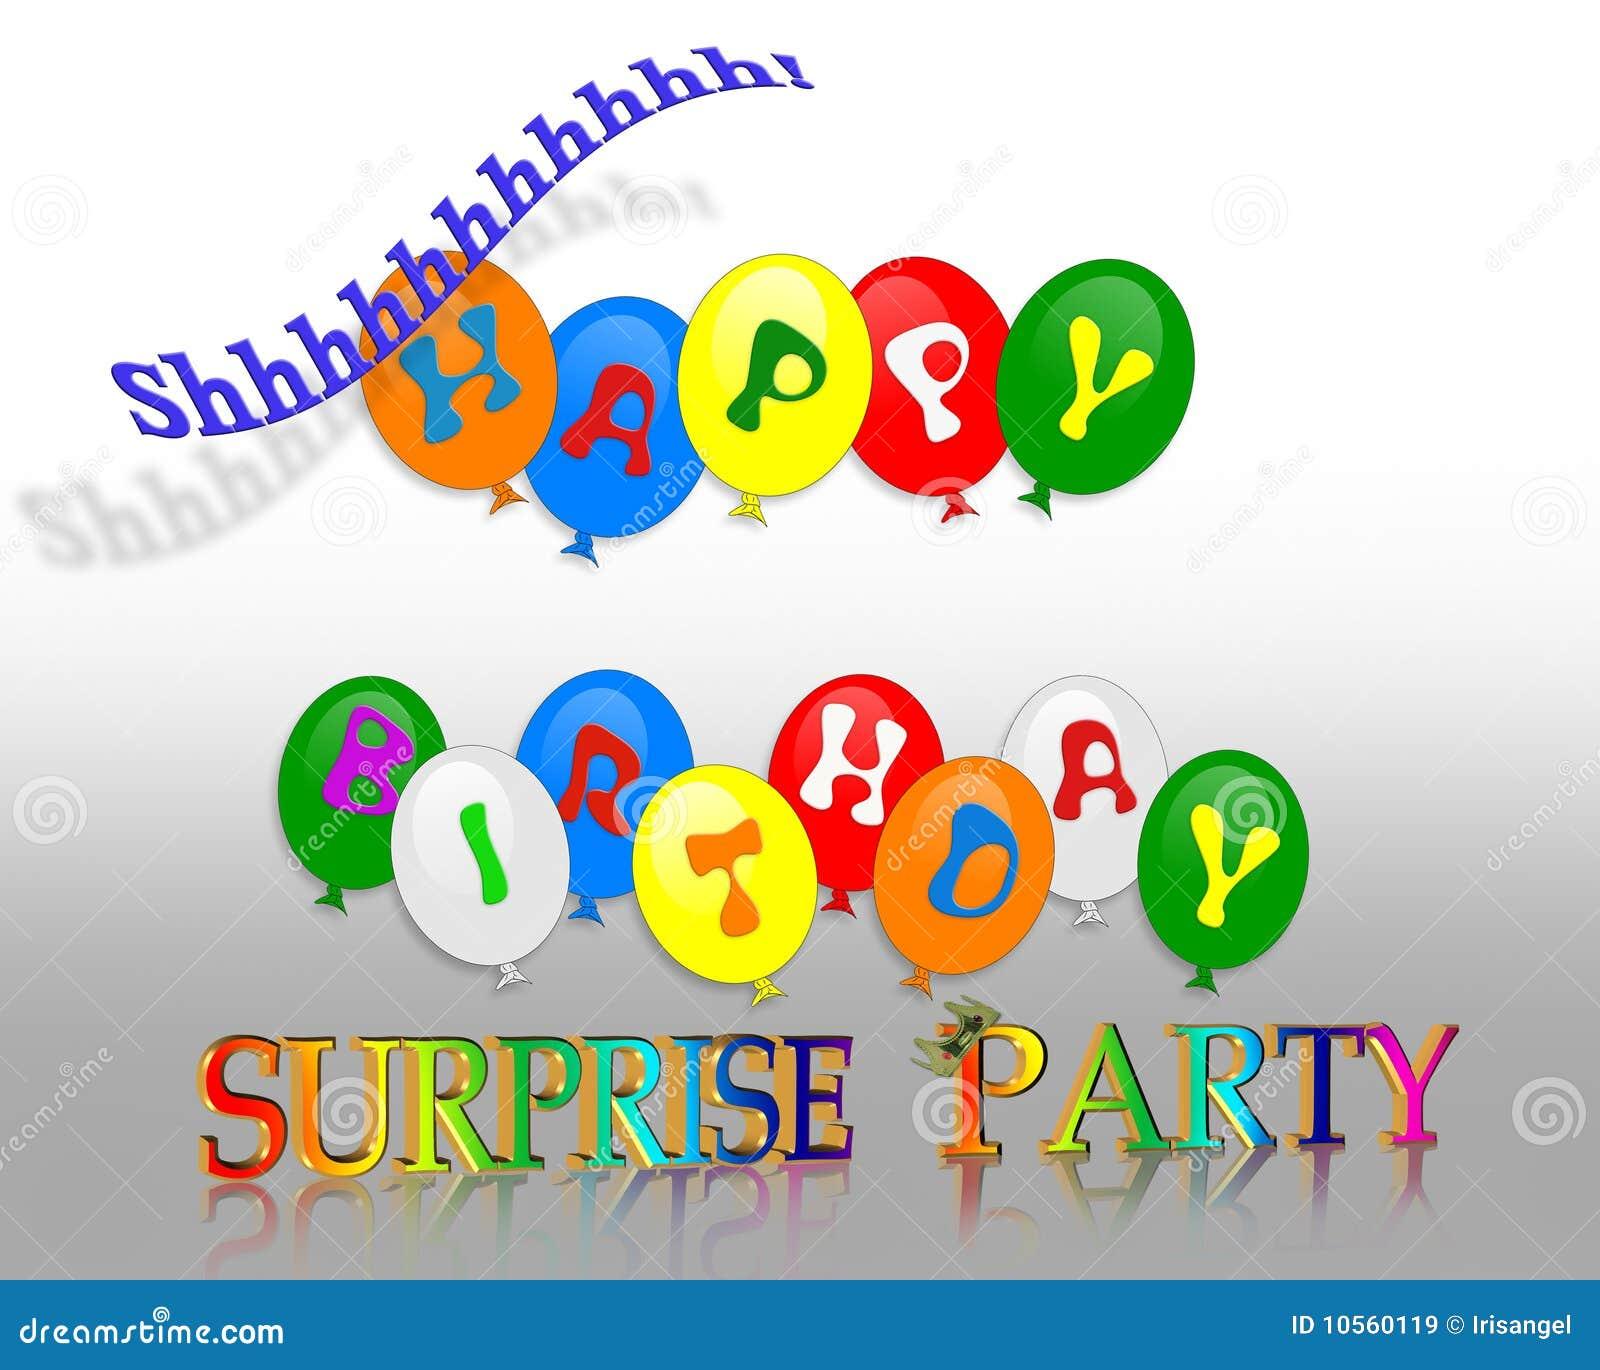 de Stock Royalty Free Convite do partido de surpresa do aniversário